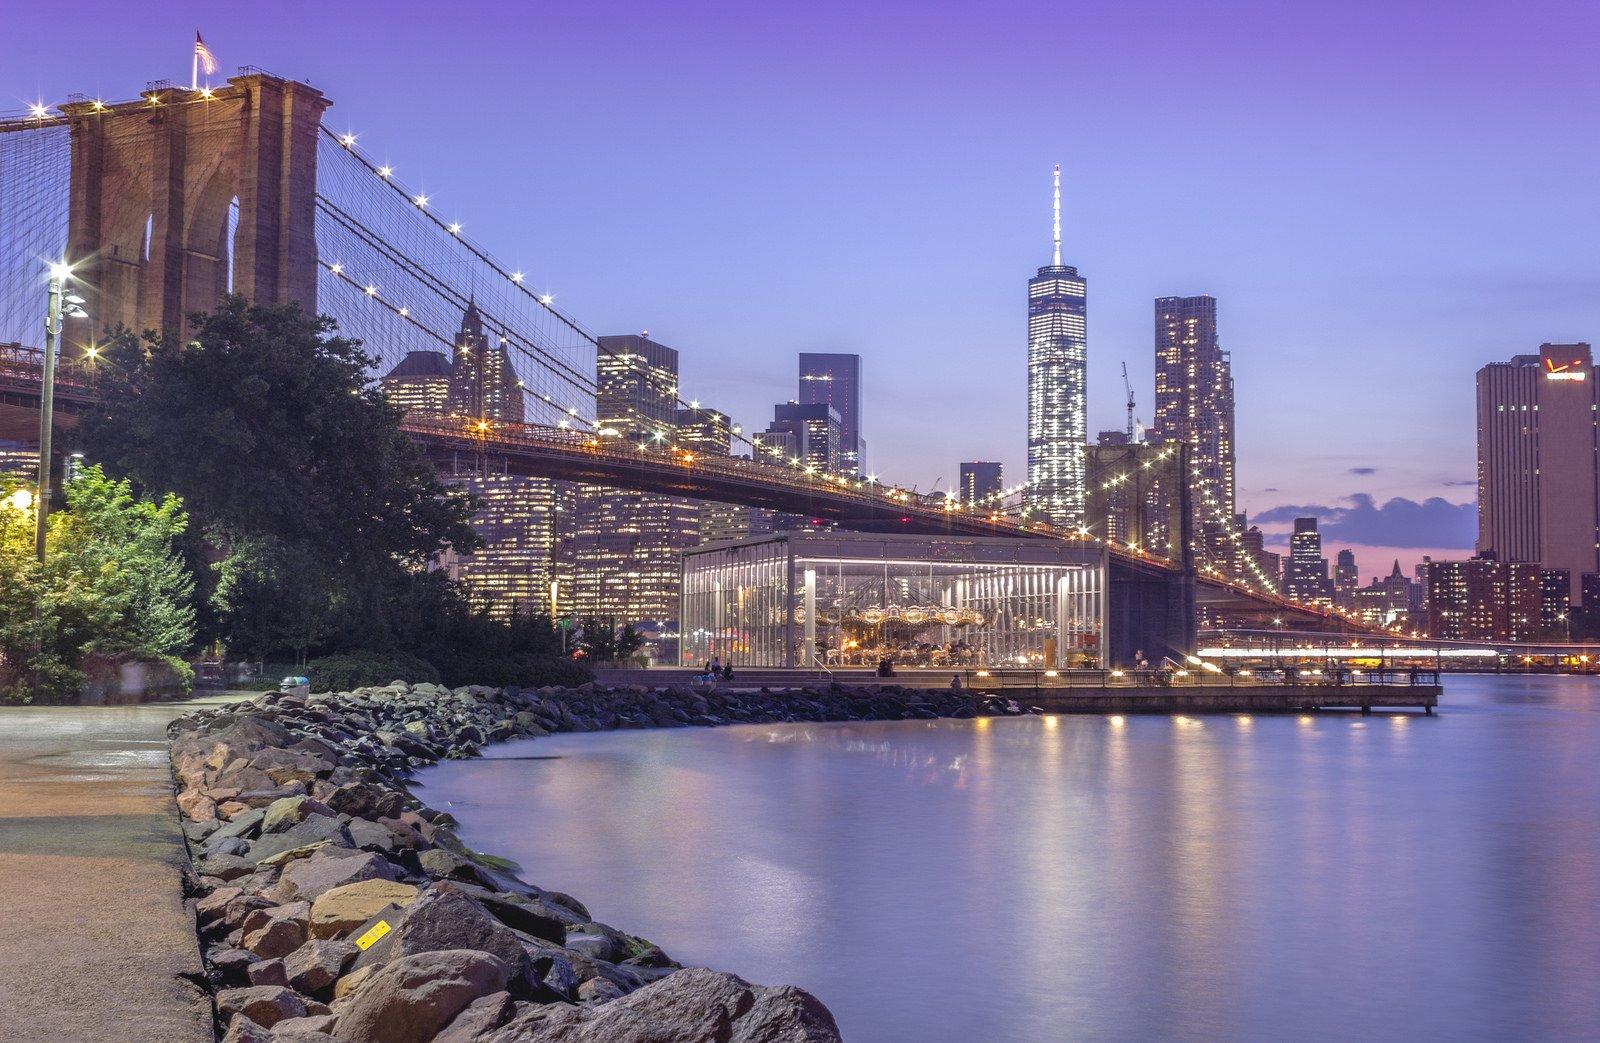 Good Wallpaper Night Brooklyn Bridge - ae3139355bc0c3d35b8e80513ab56a1b  Pictures.jpg